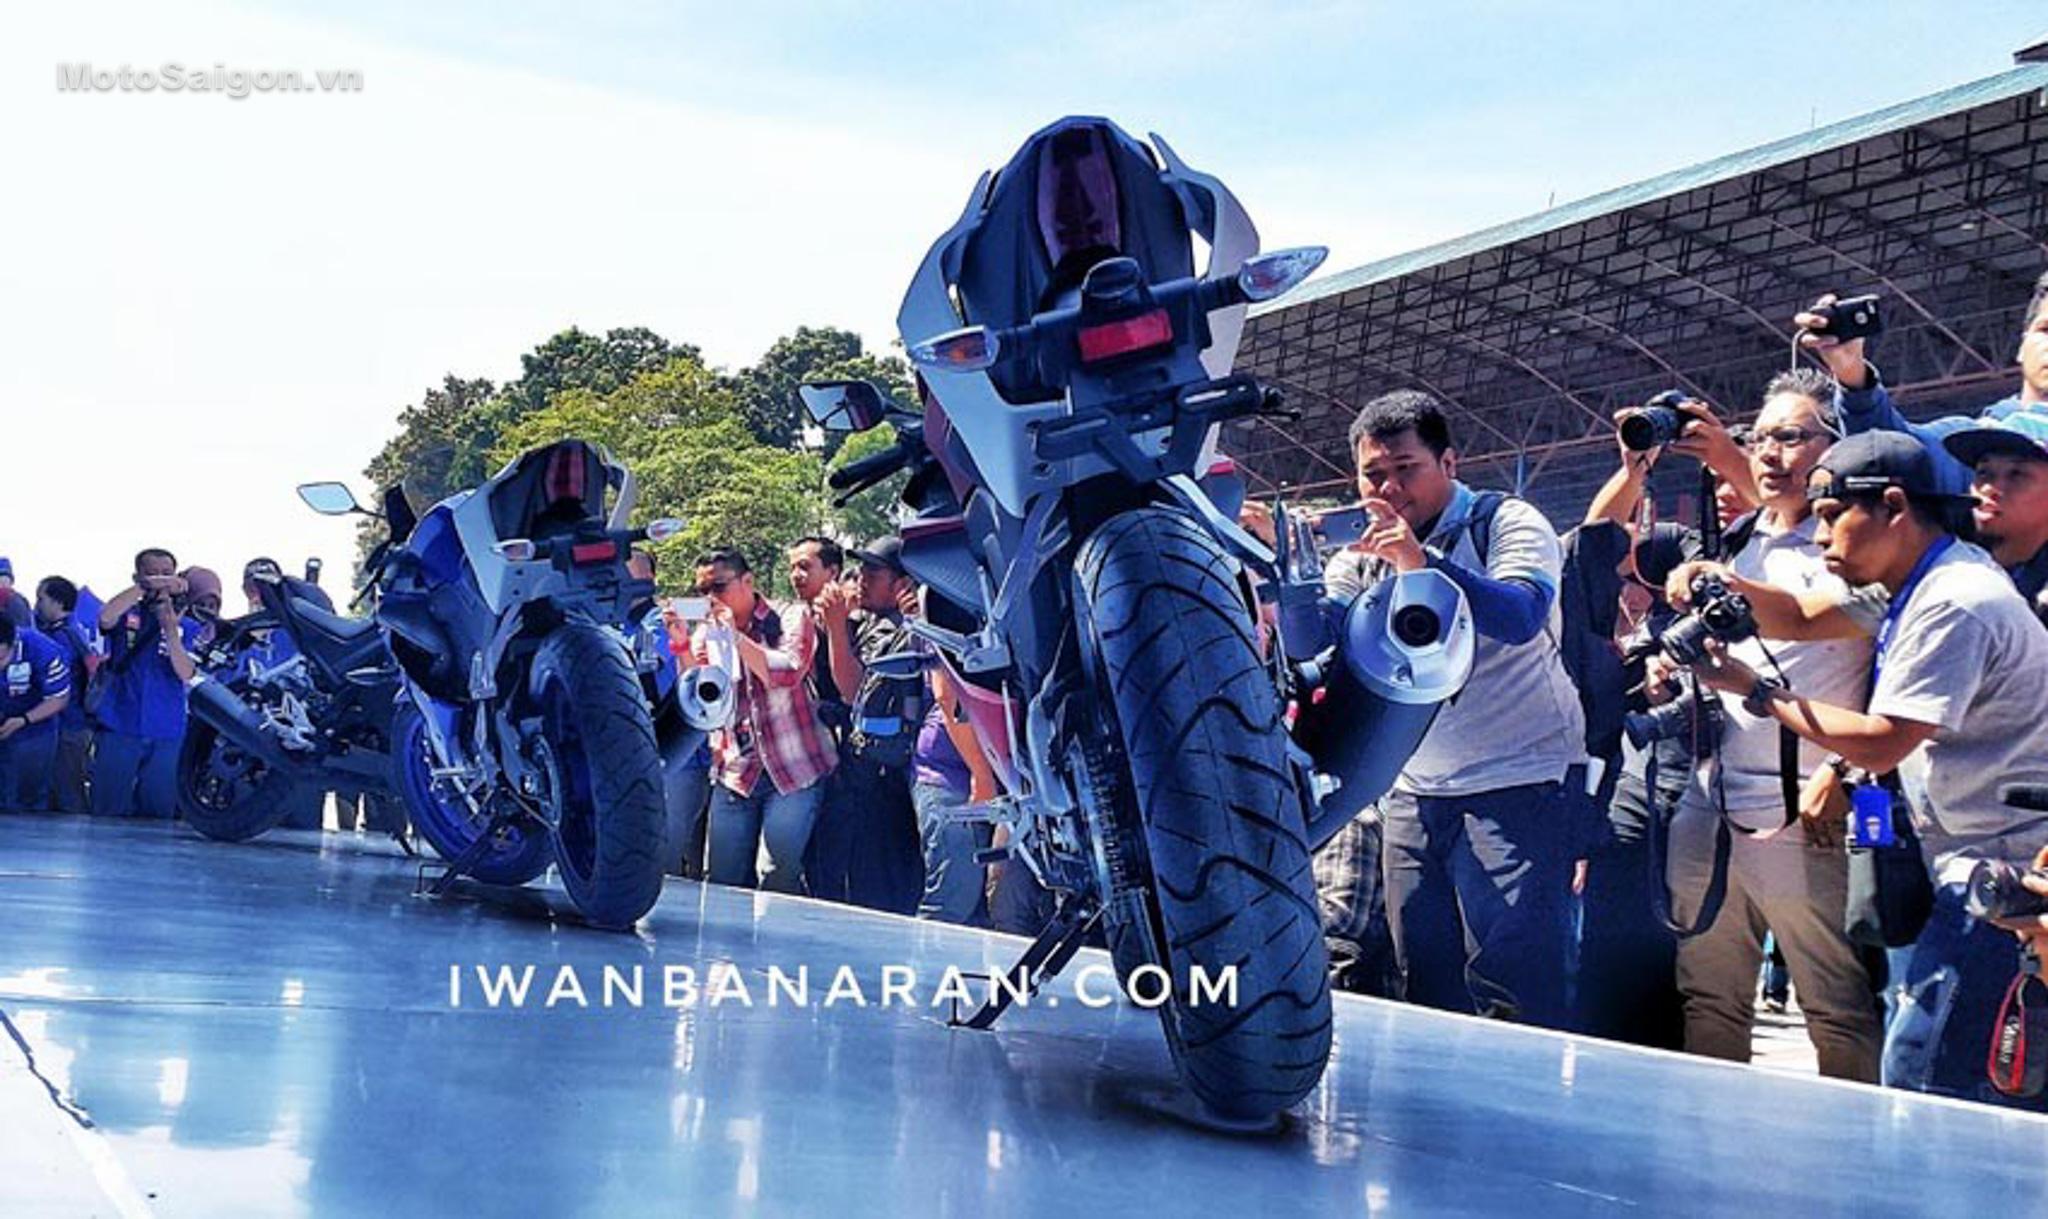 danh-gia-xe-yamaha-r15-v3-2017-hinh-anh-motosaigon-1